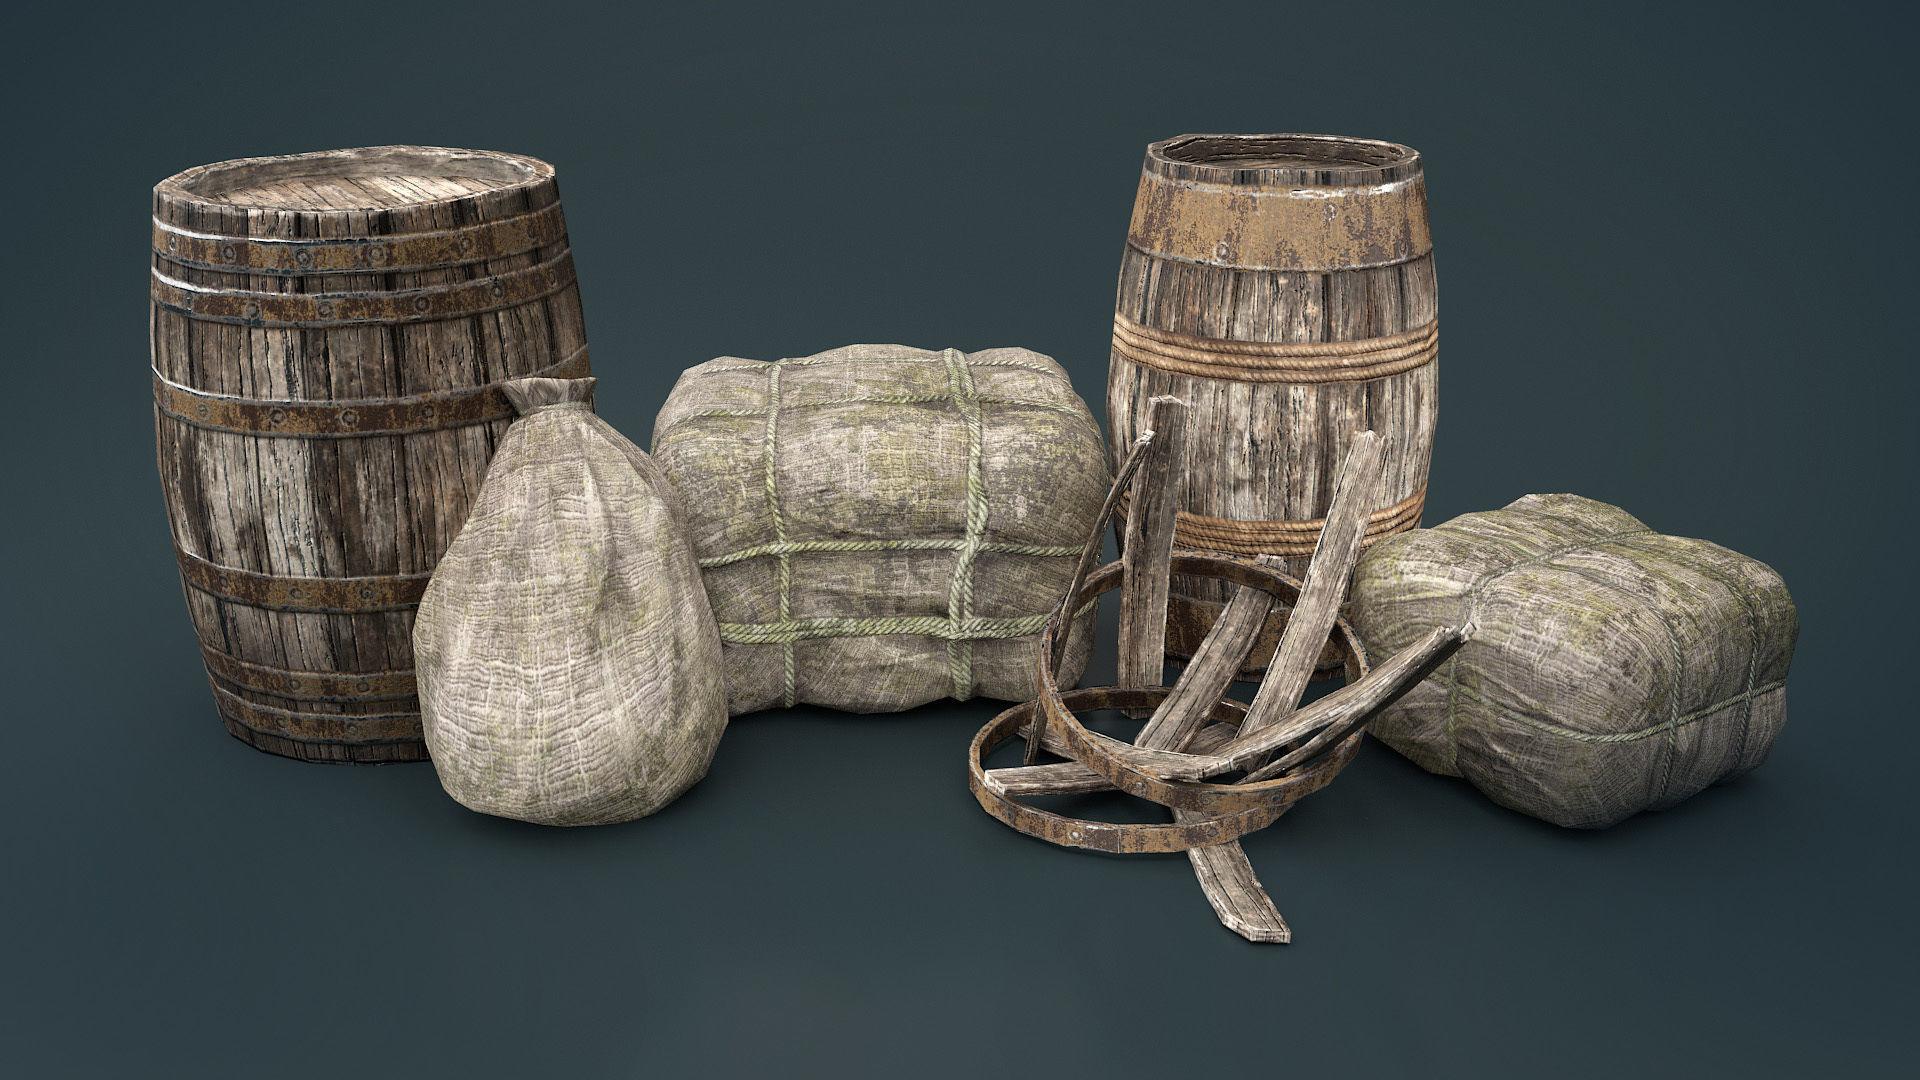 Bags and Barrels